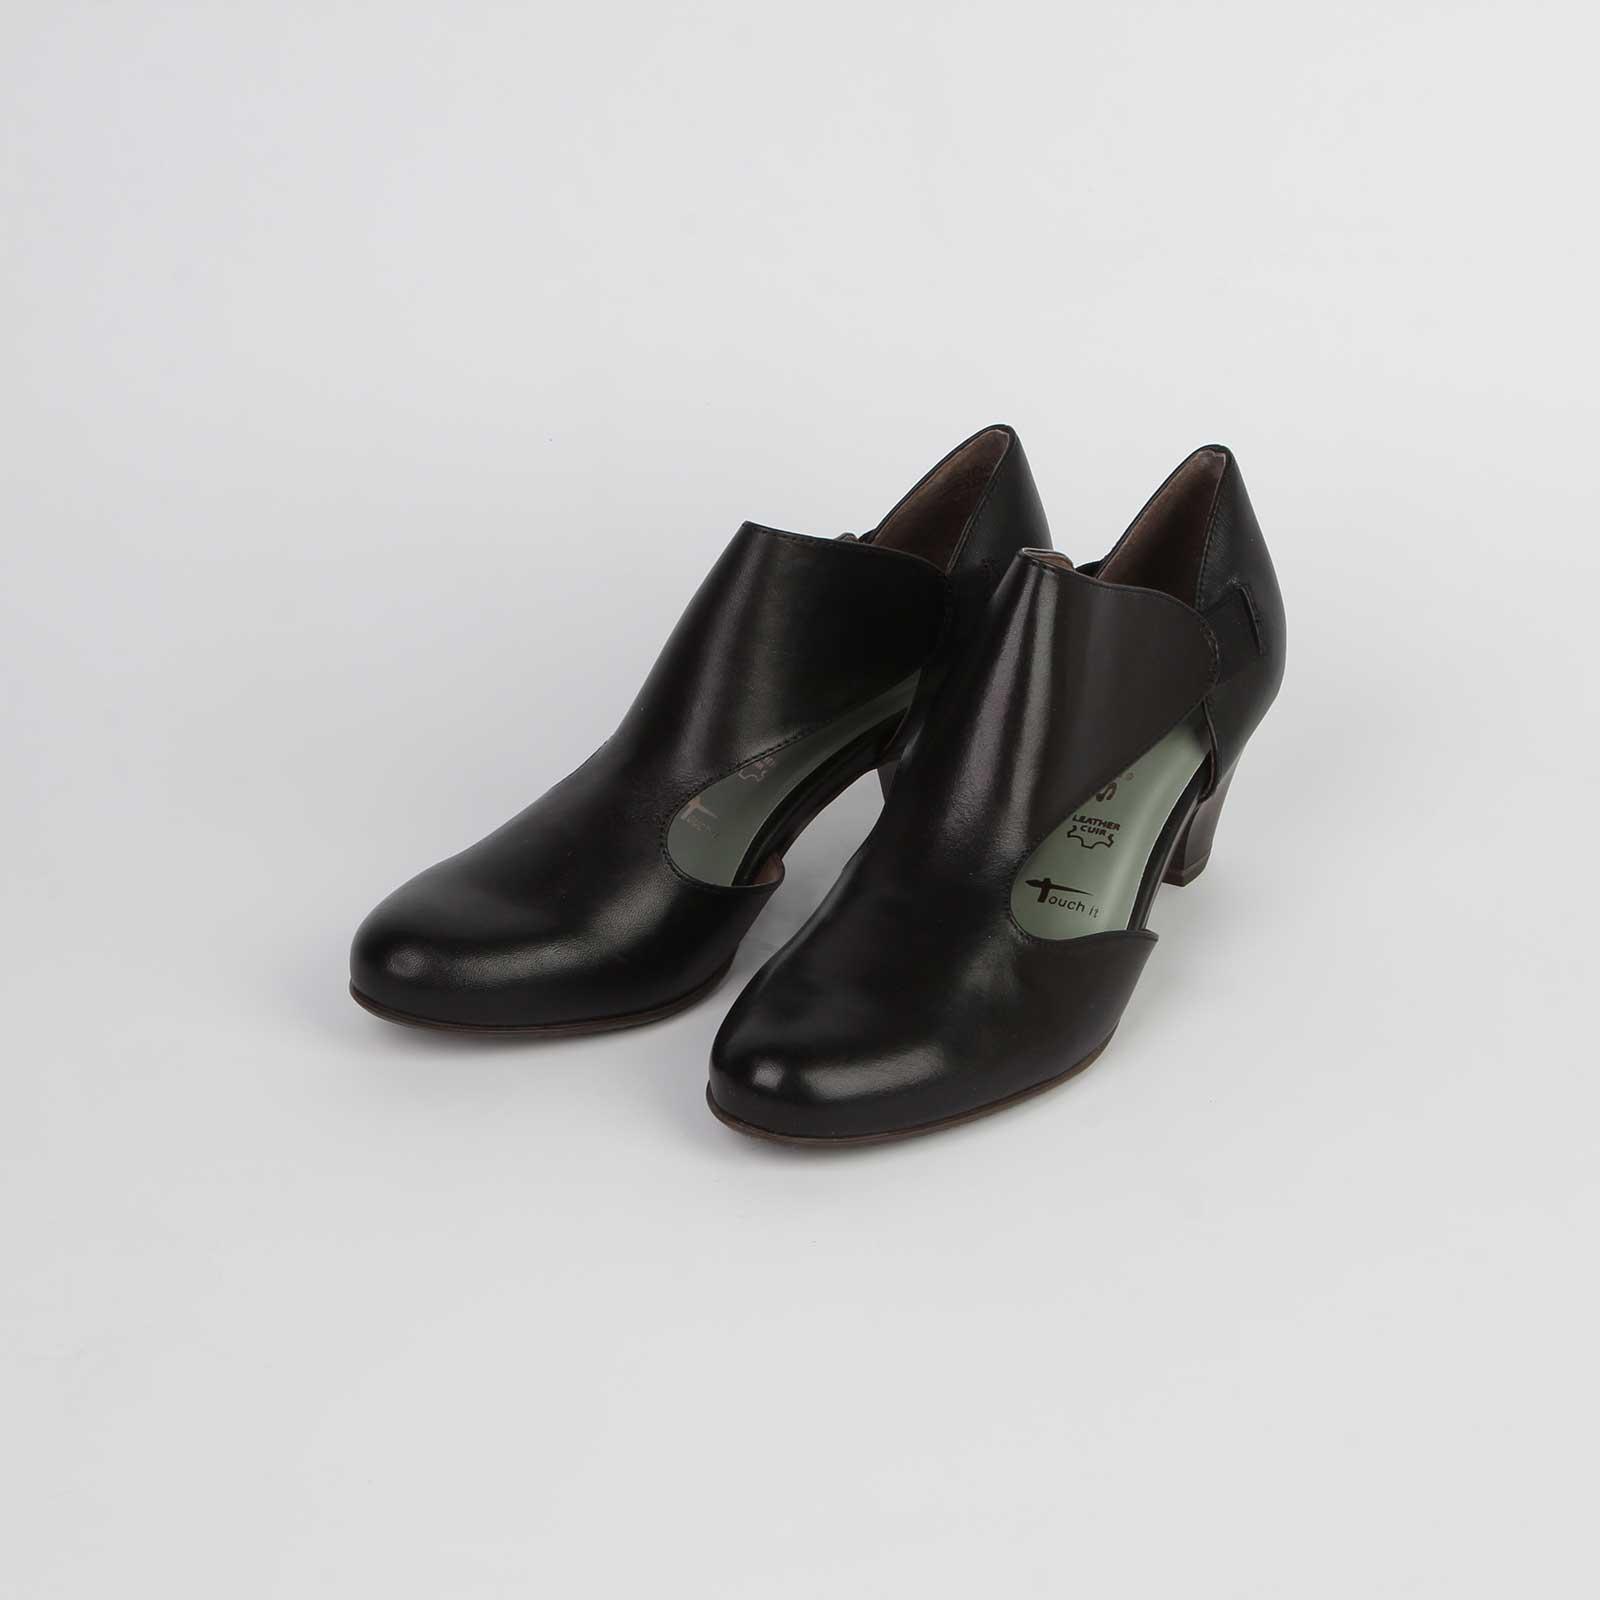 Туфли женские из натуральной кожи с вырезами по бокам